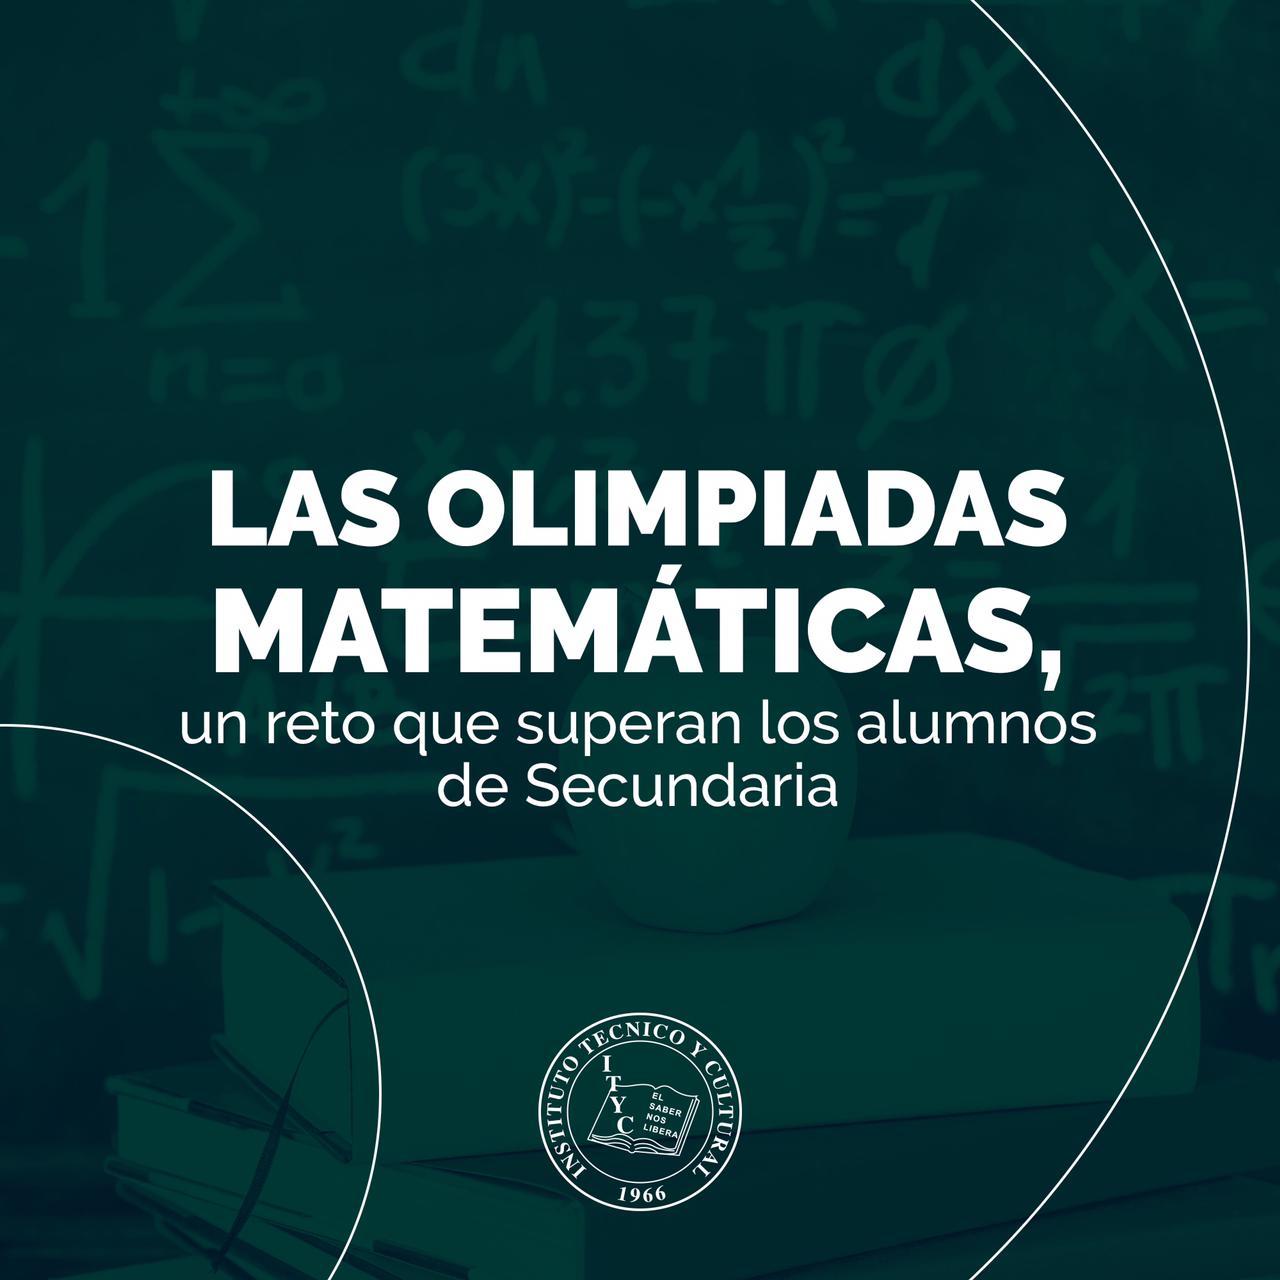 Las Olimpiadas Matemáticas, un reto para los alumnos de secundaria